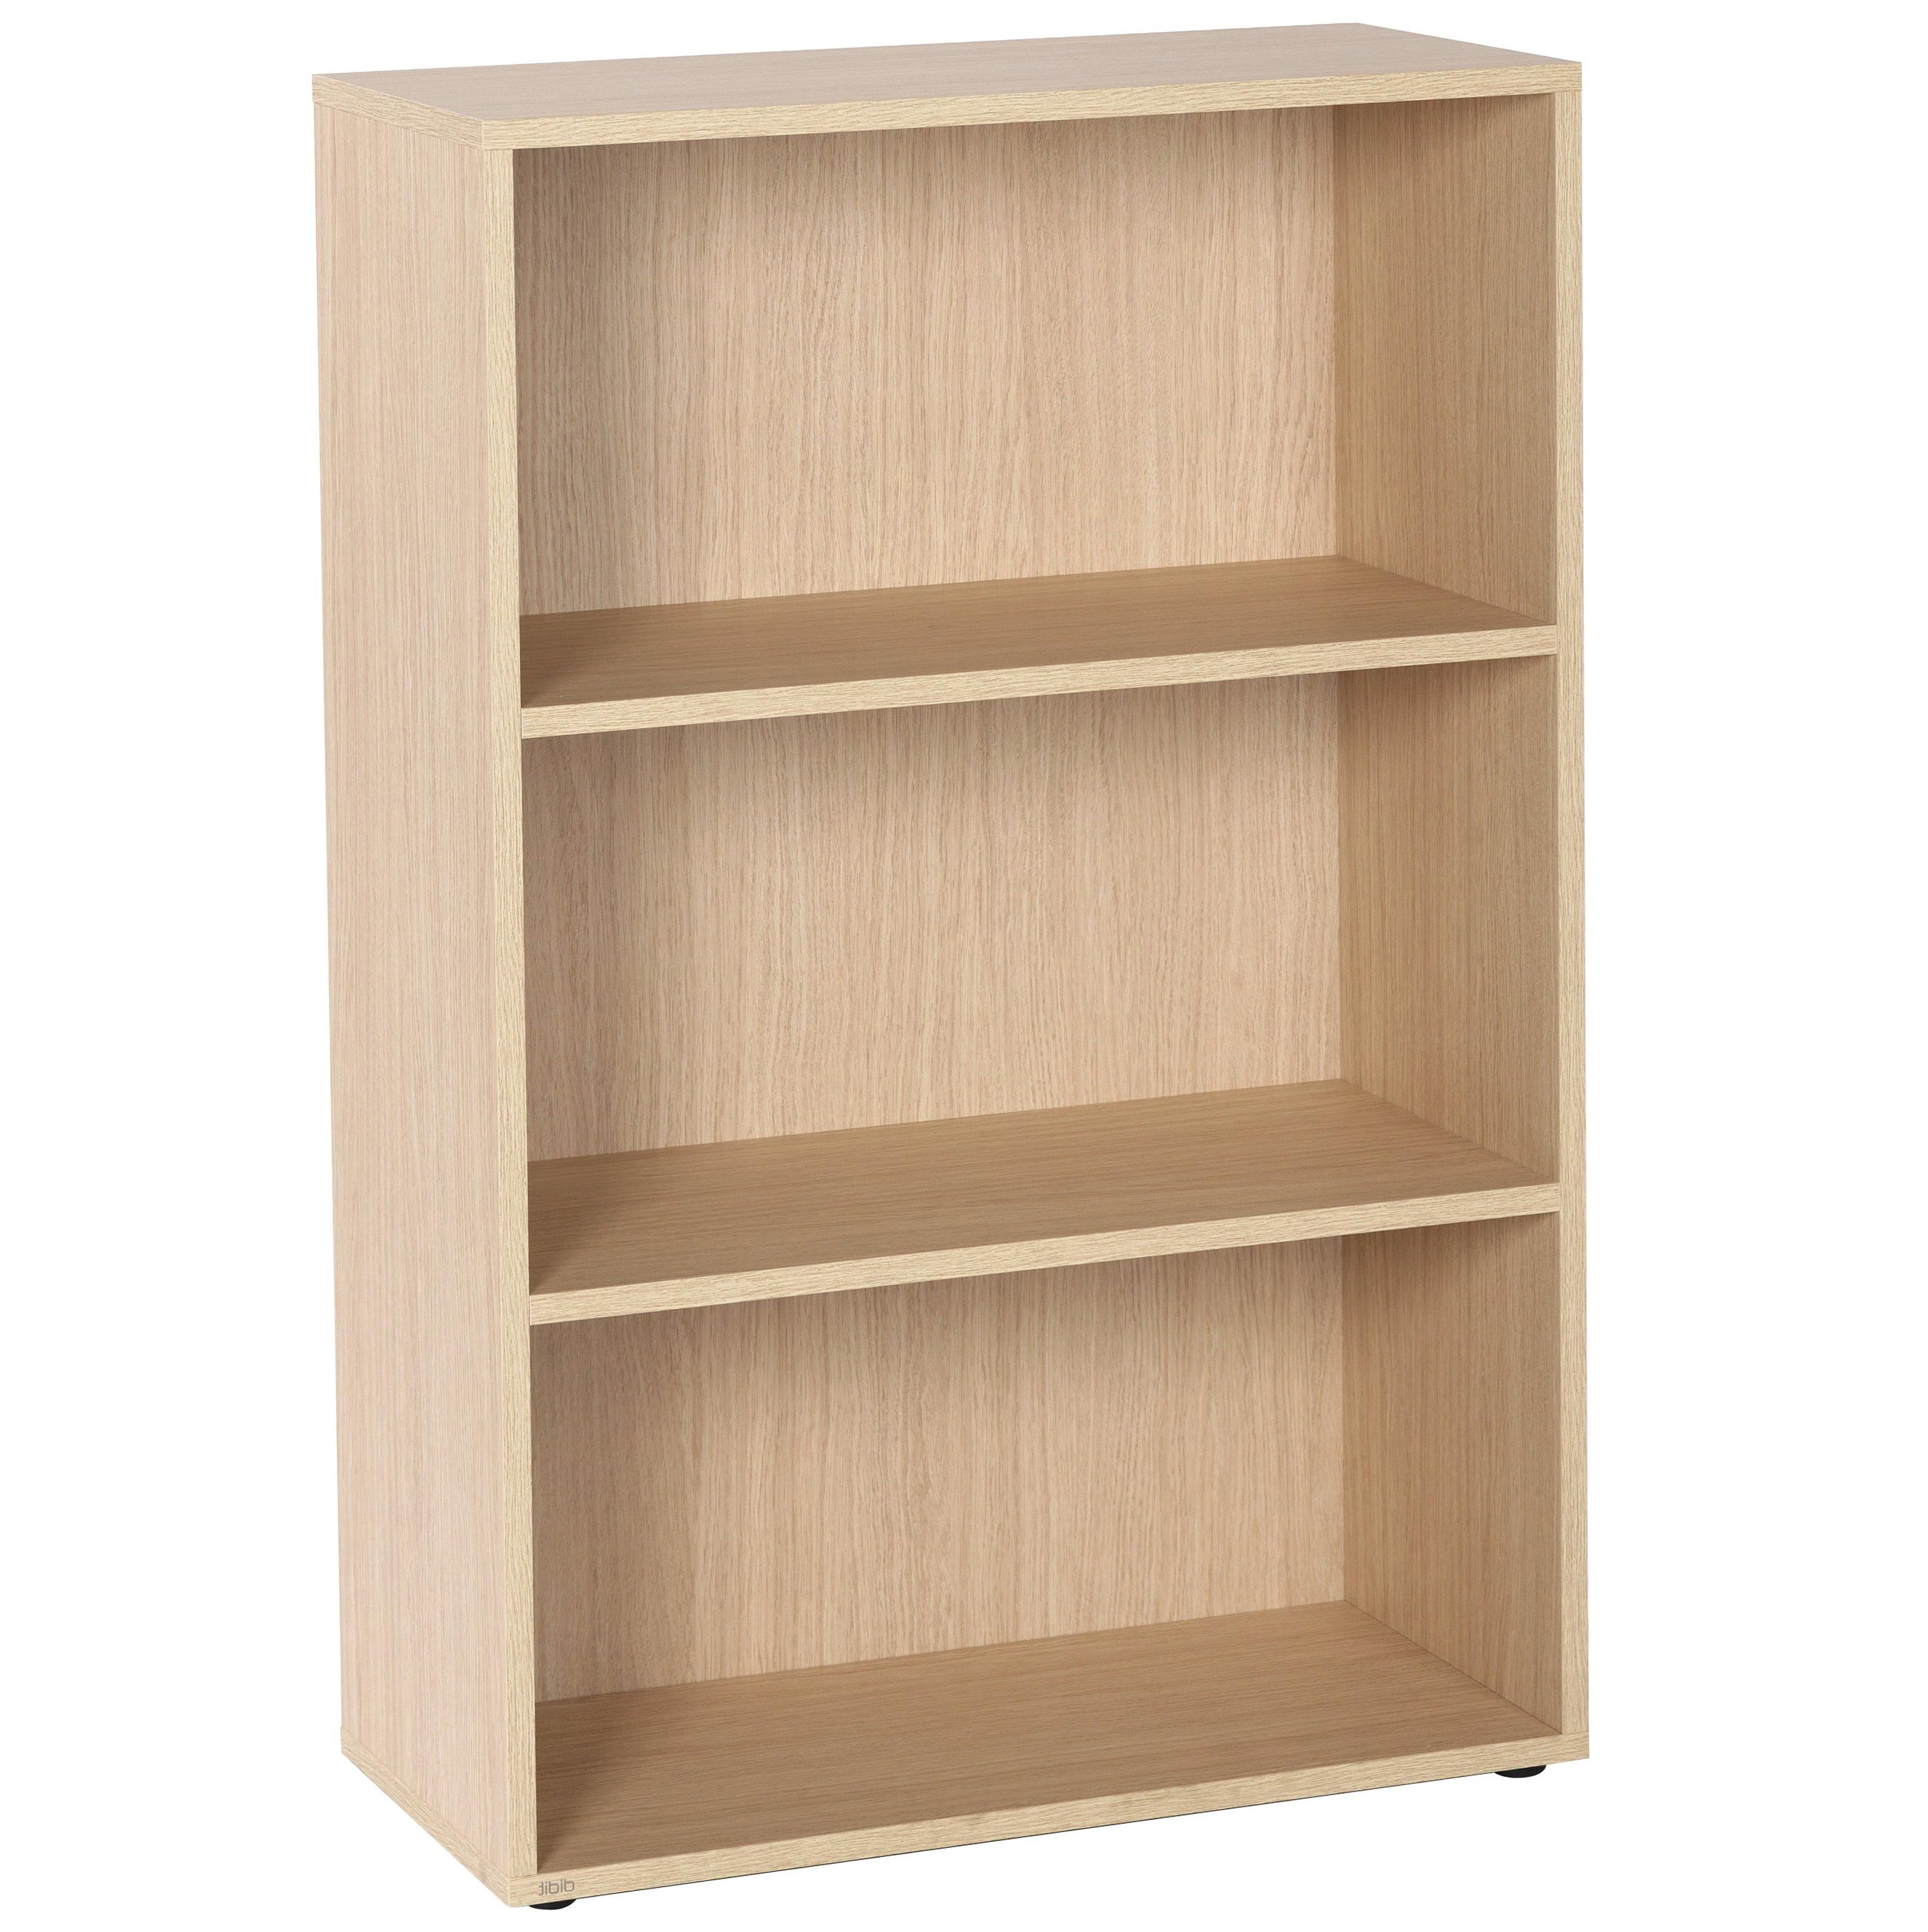 Room Essentials 3 Shelf Bookcase Home Design Ideas